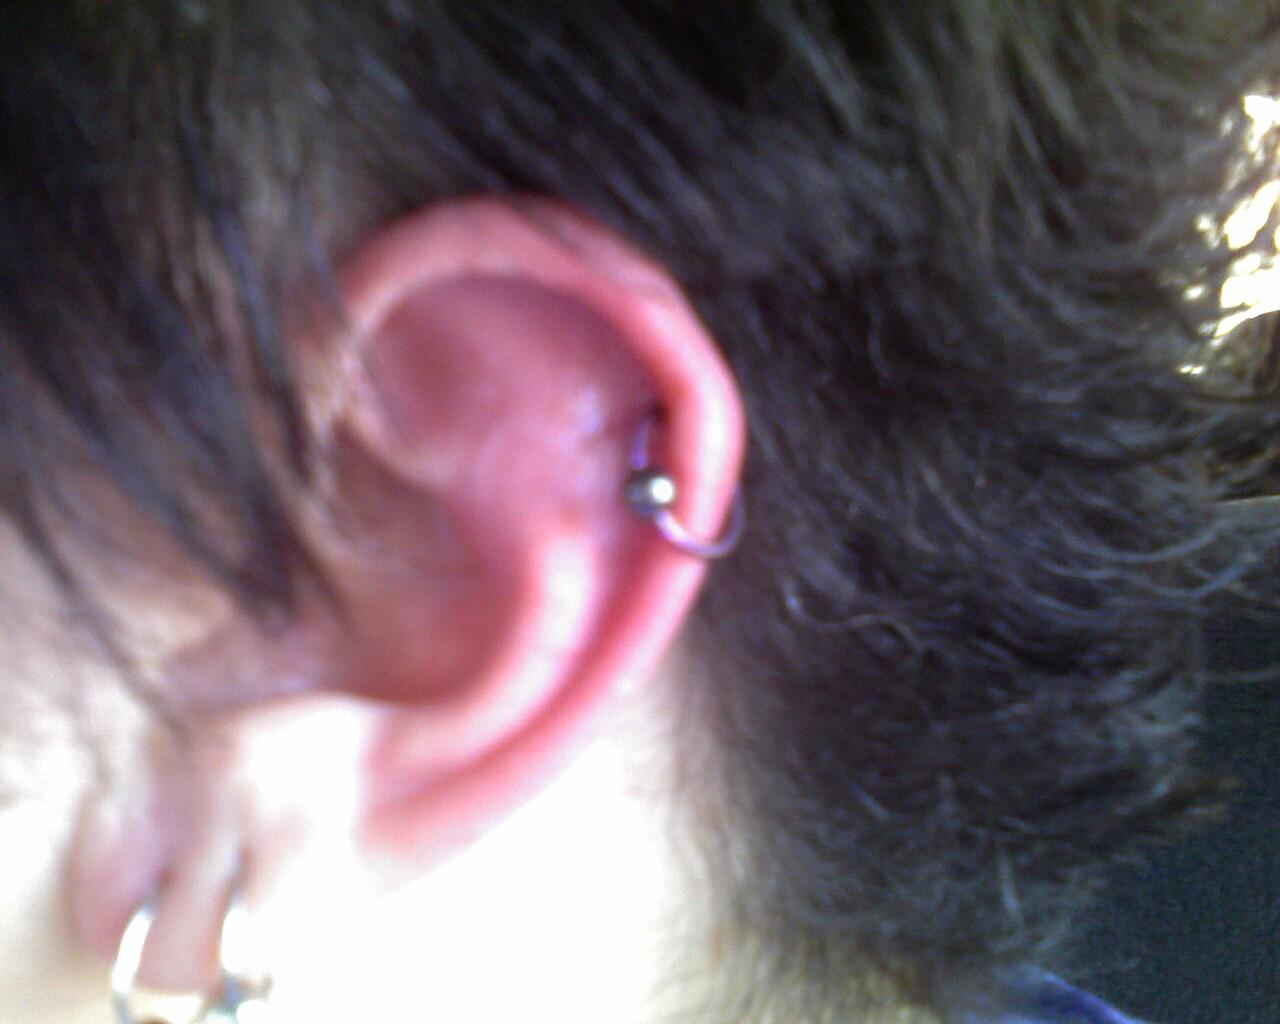 [earring]